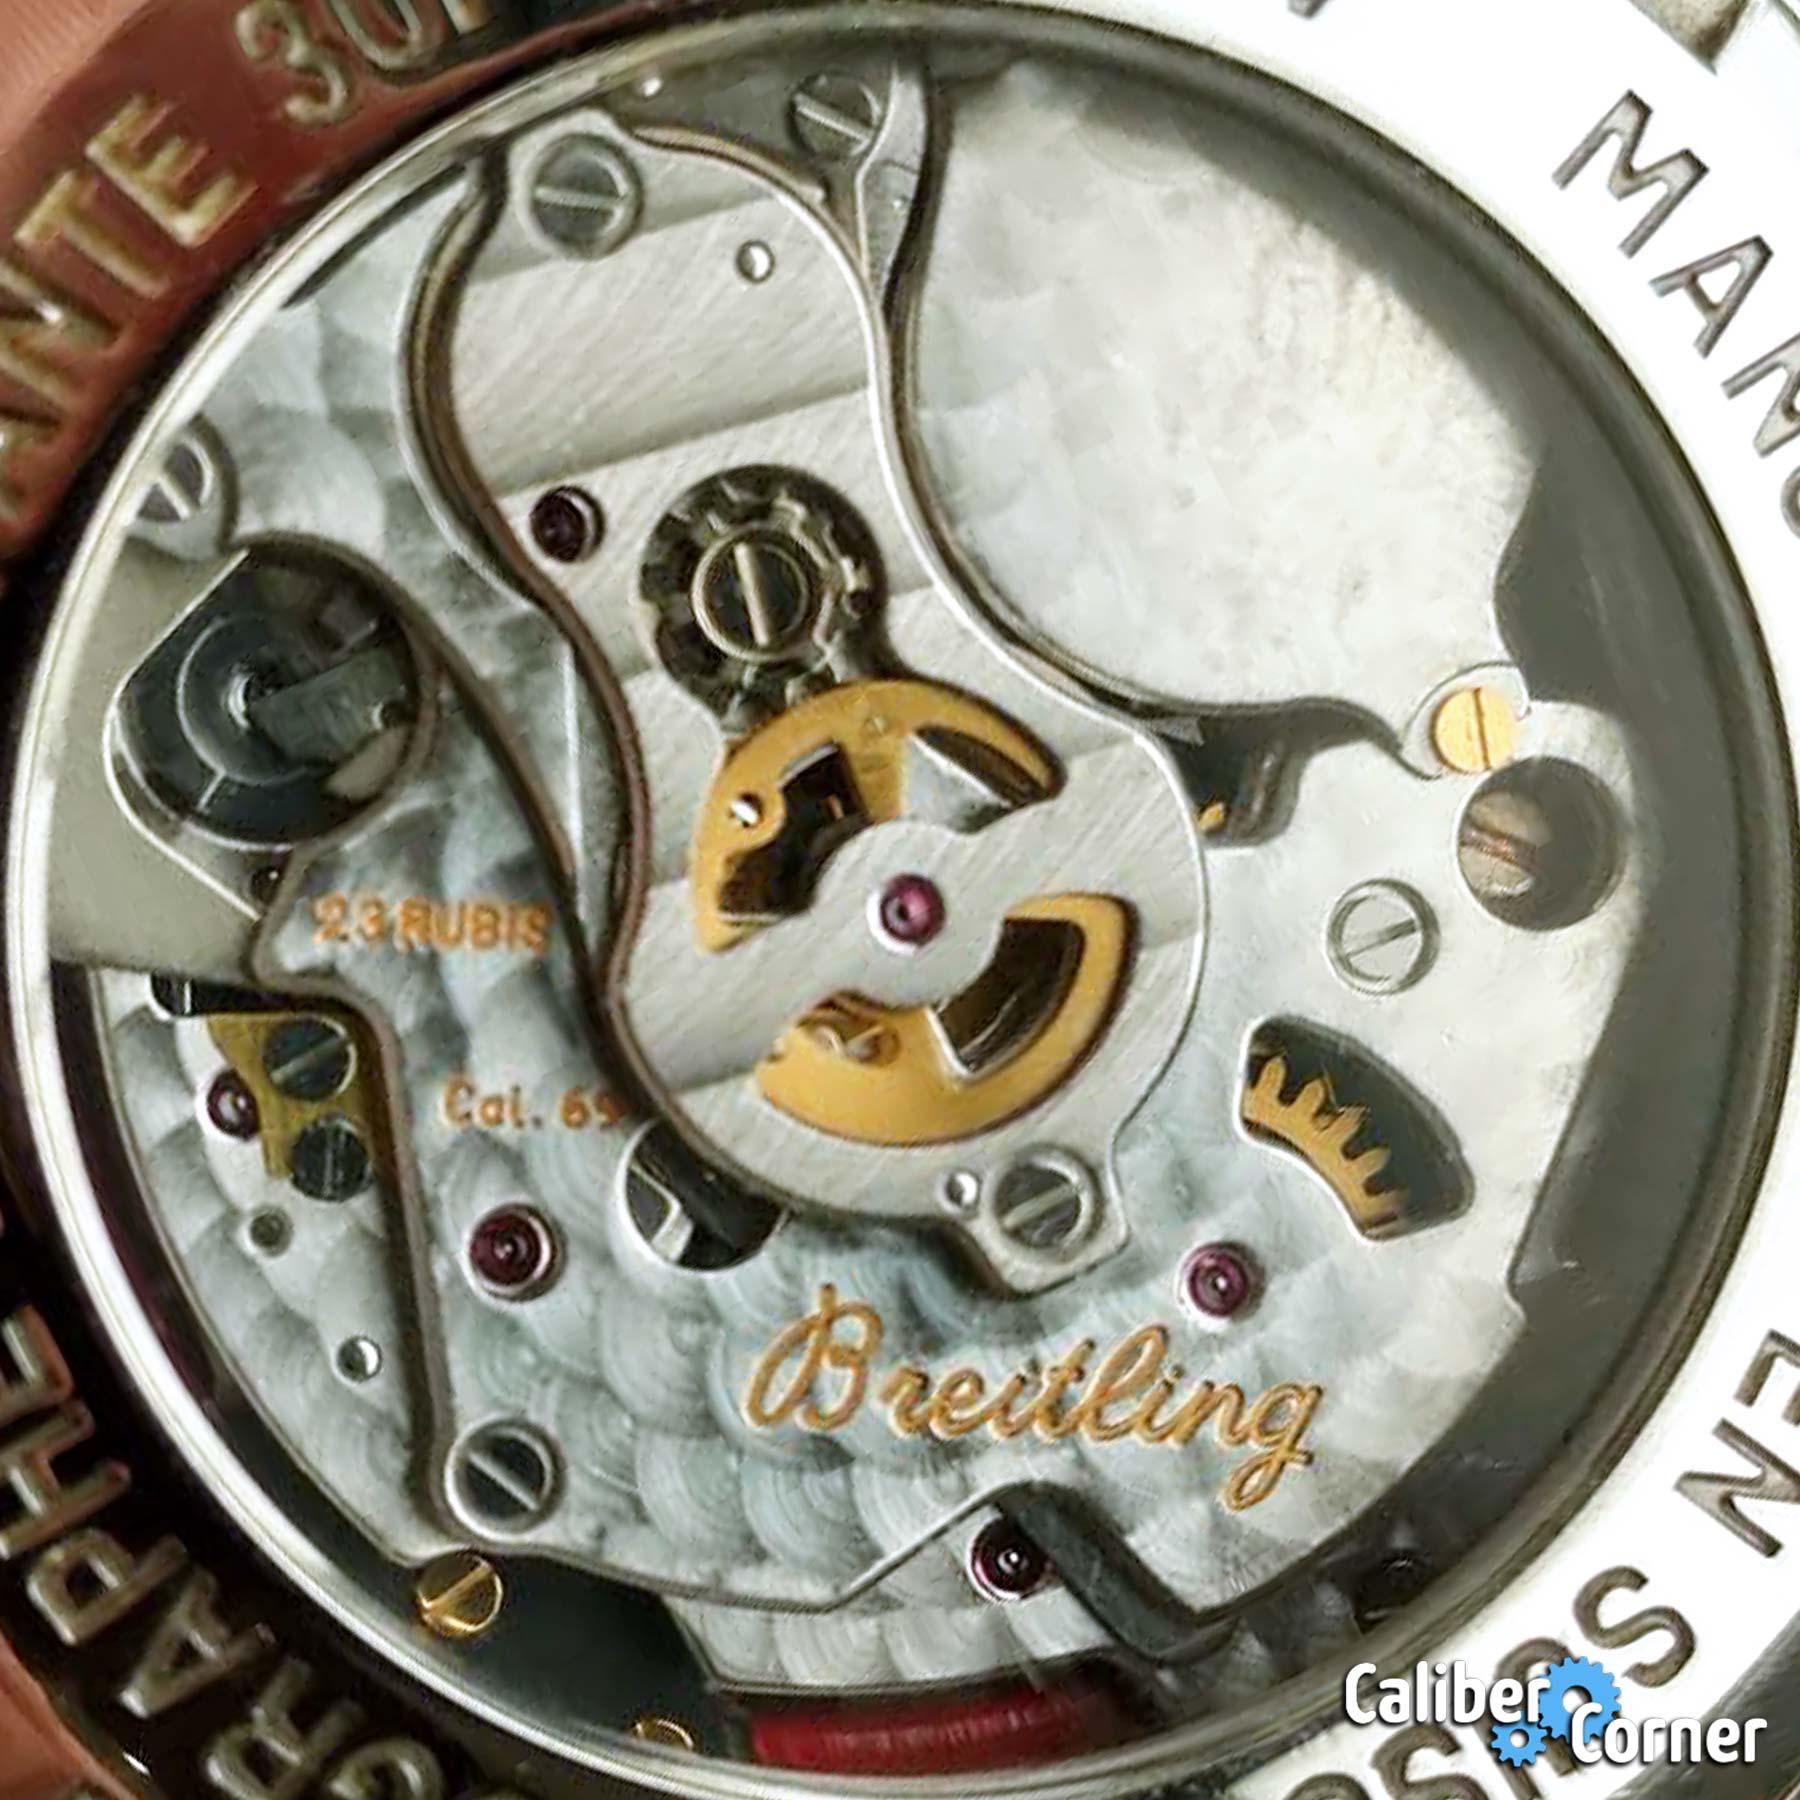 Breitling Caliber 69